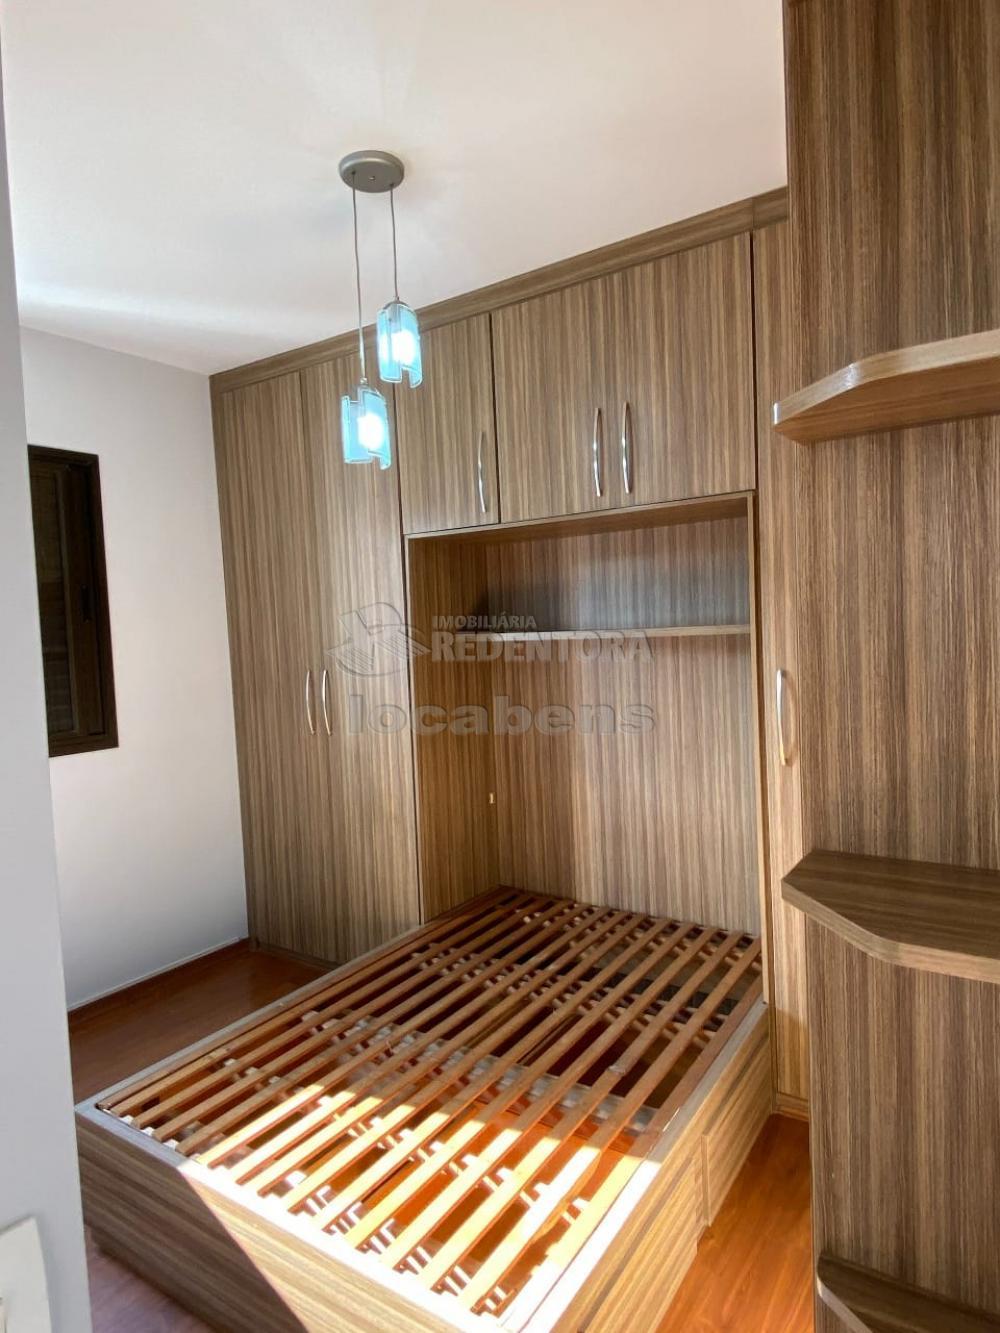 Comprar Apartamento / Padrão em São Paulo R$ 495.000,00 - Foto 15